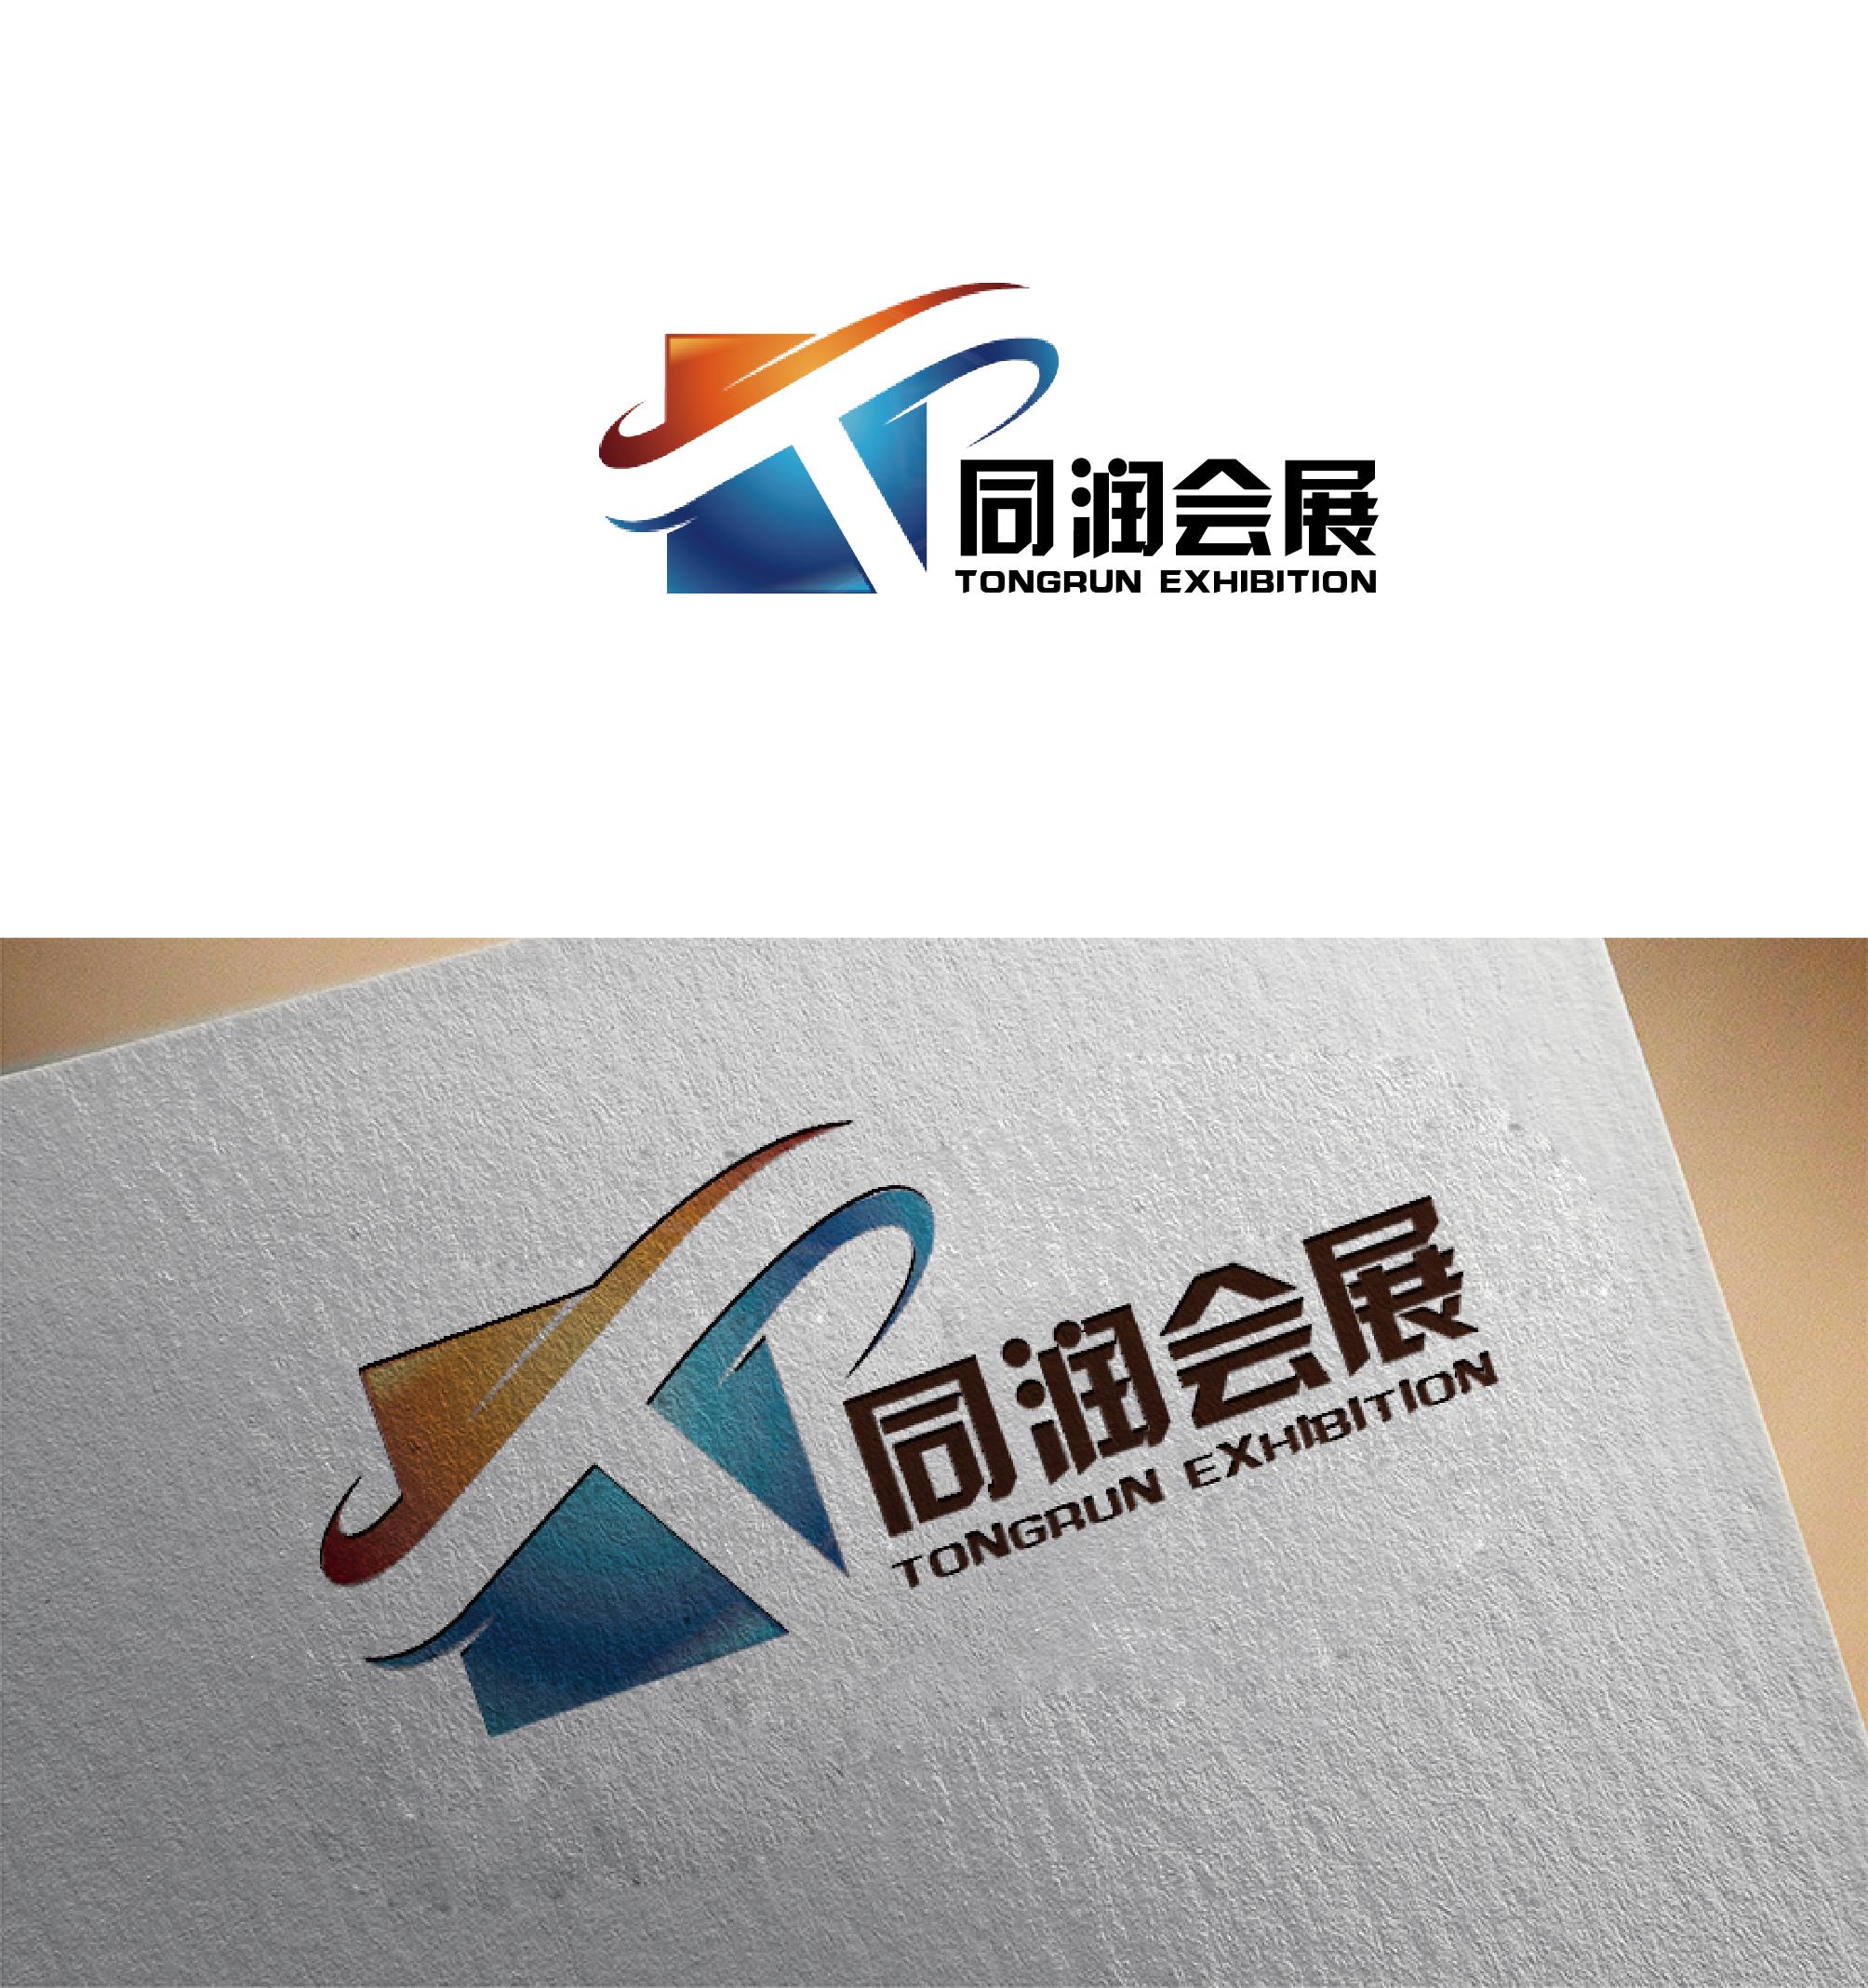 会展公司logo设计